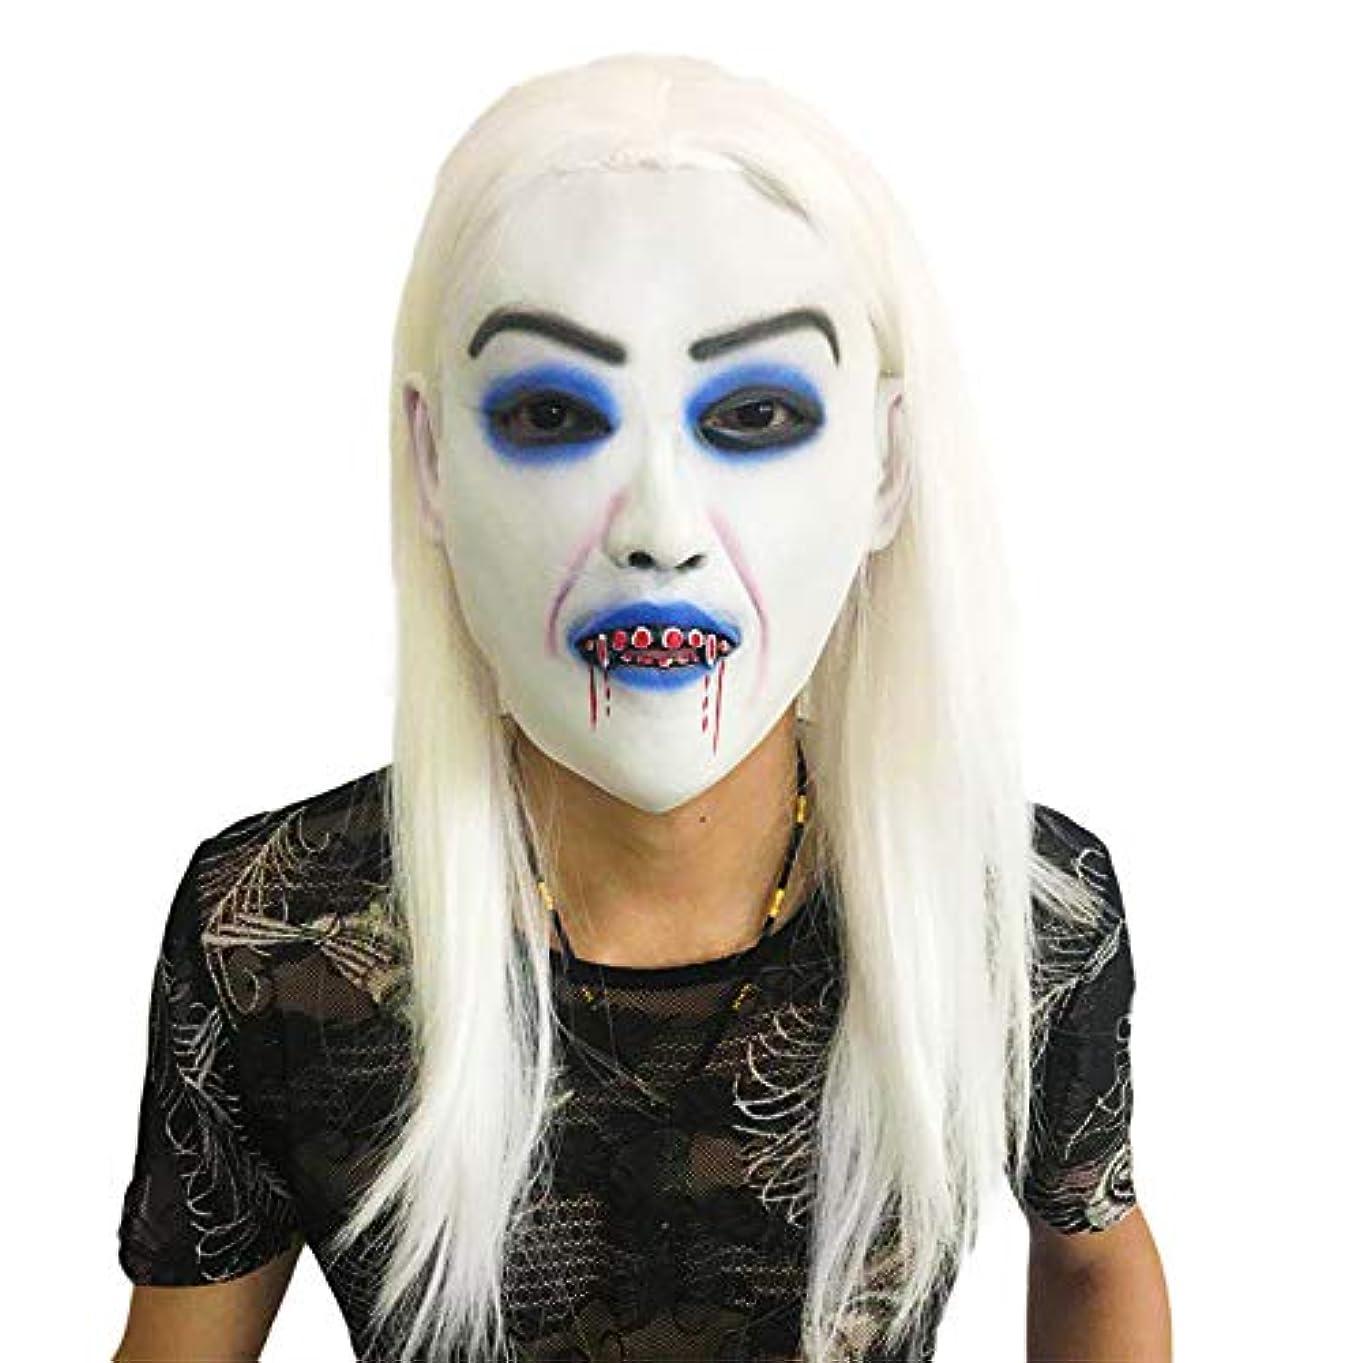 チョコレート有用ペチュランス白髪ブリードホラー女性ゴーストマスク長い髪怖いマスクハロウィーンの衣装ショーのパフォーマンスセットの小道具